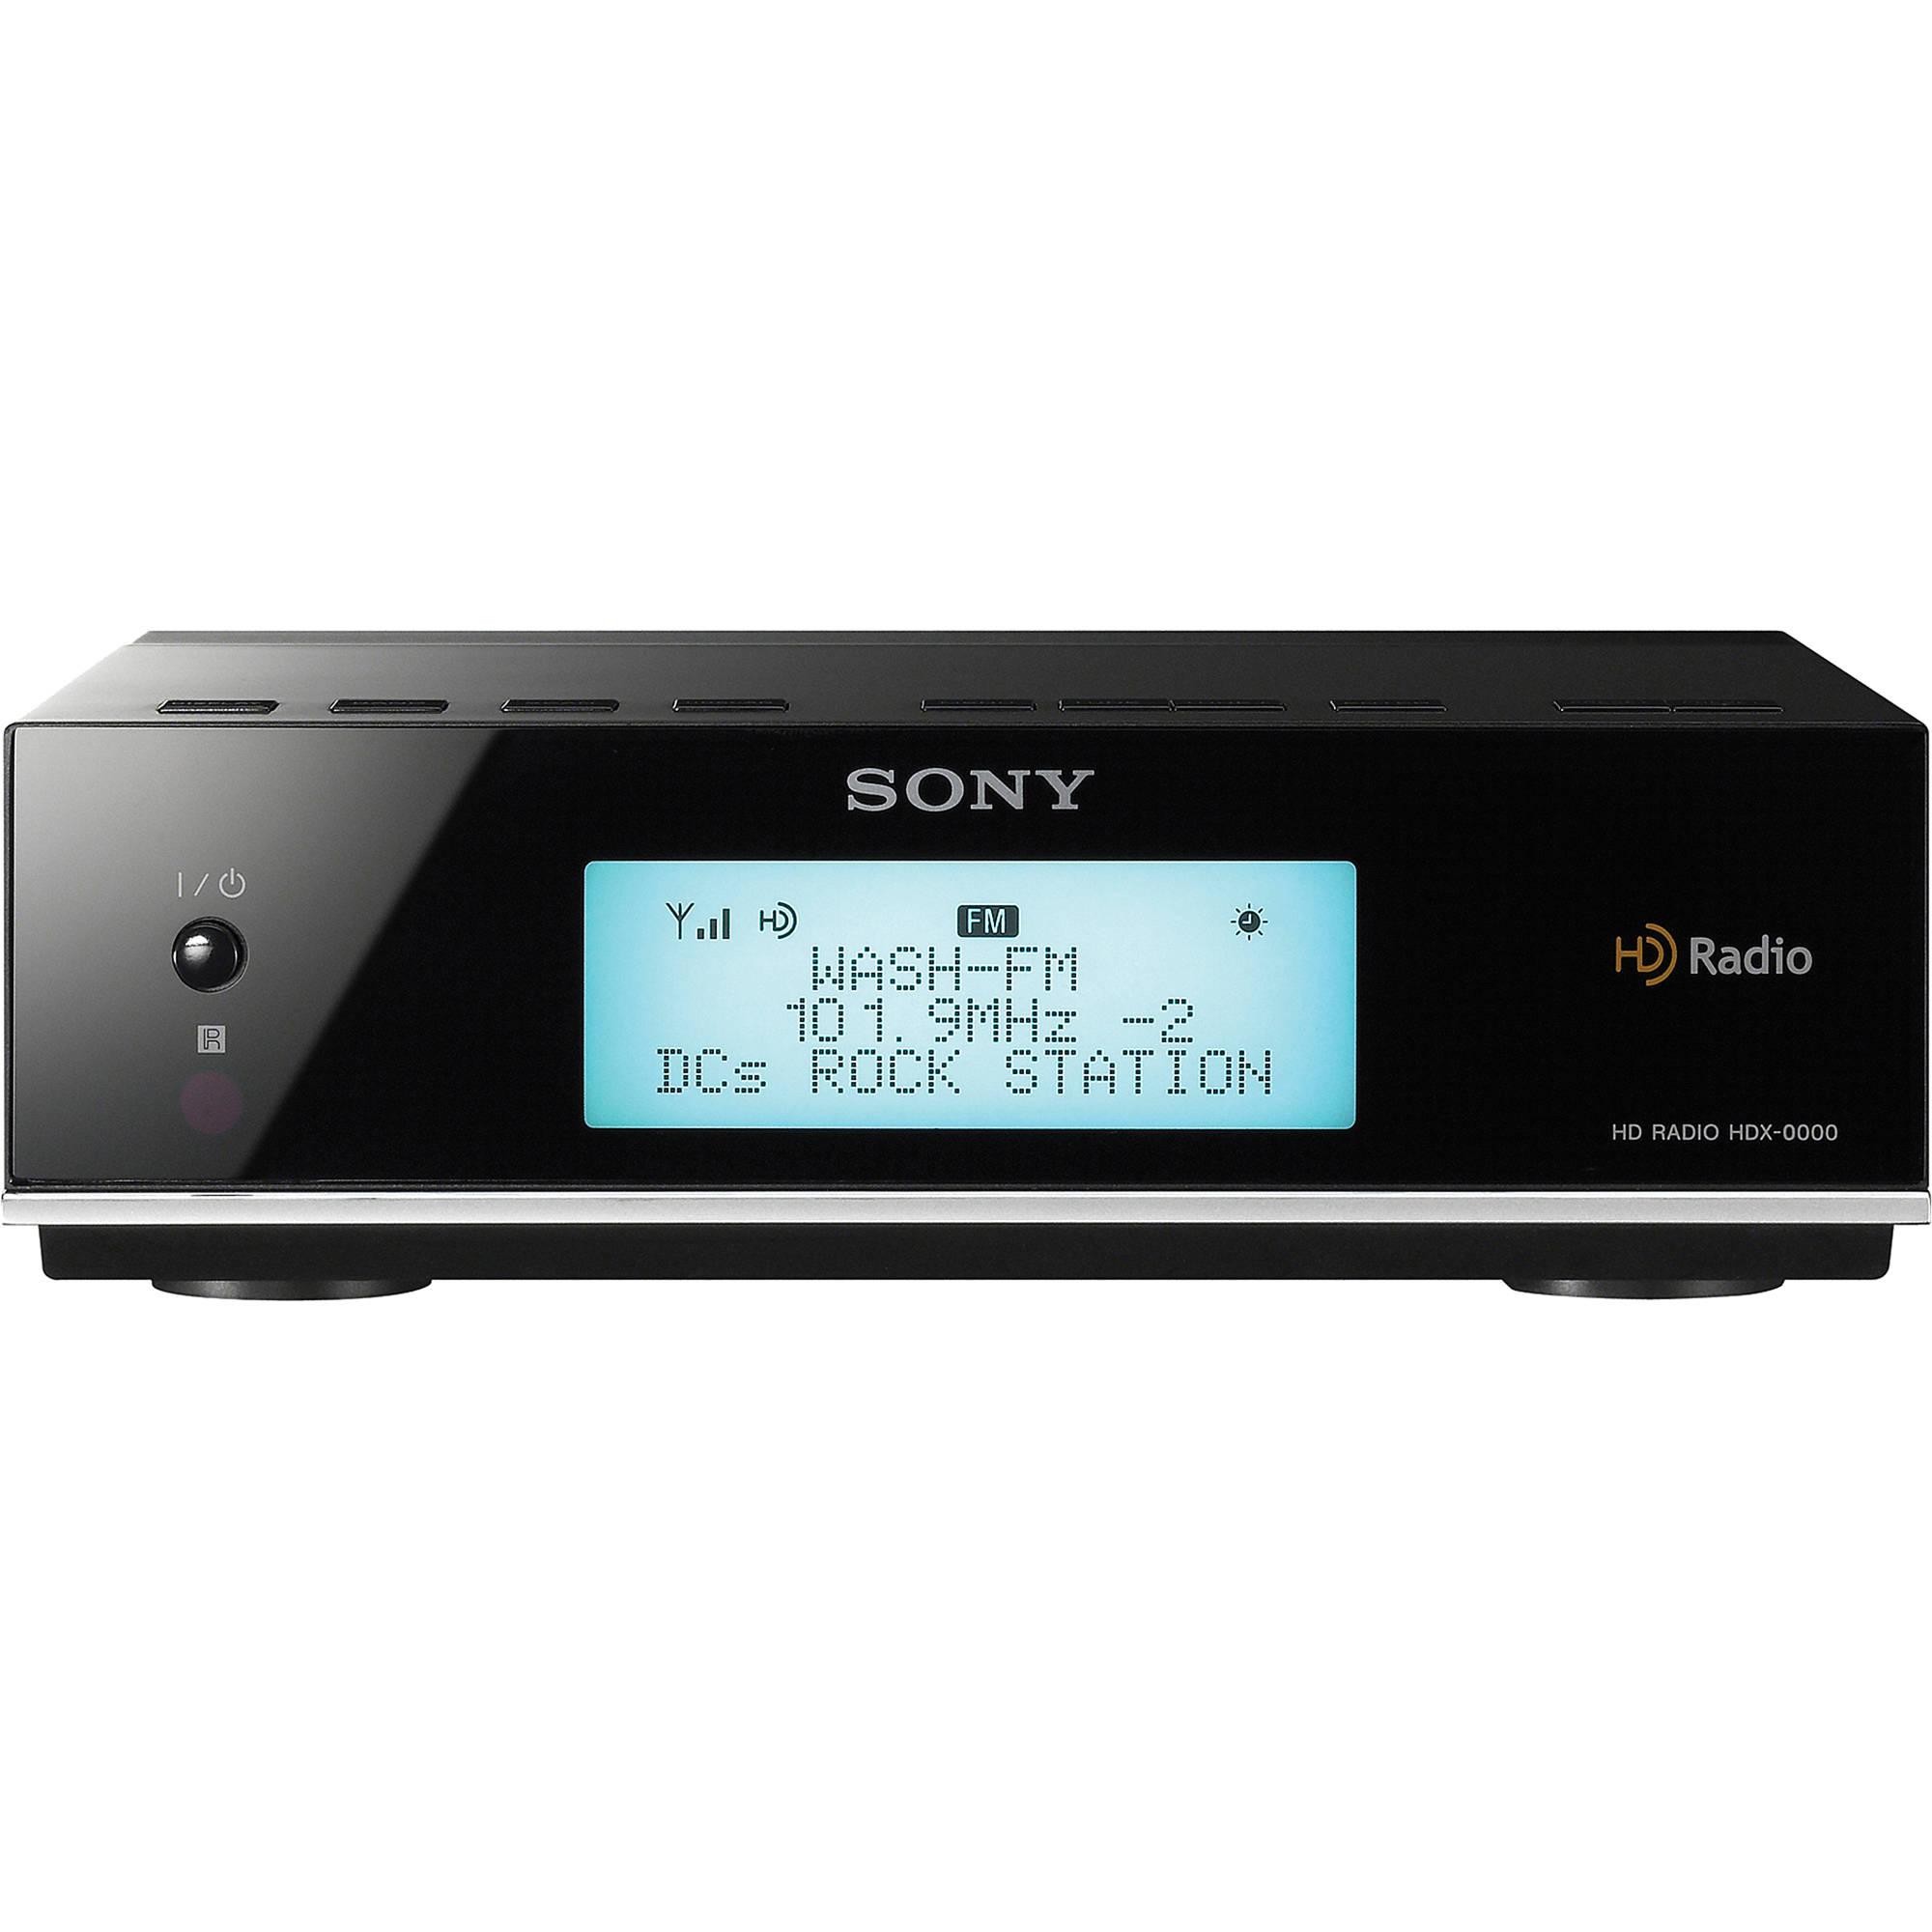 Sony XDR-F1HD HD Radio Receiver XDRF1HD B&H Photo Video